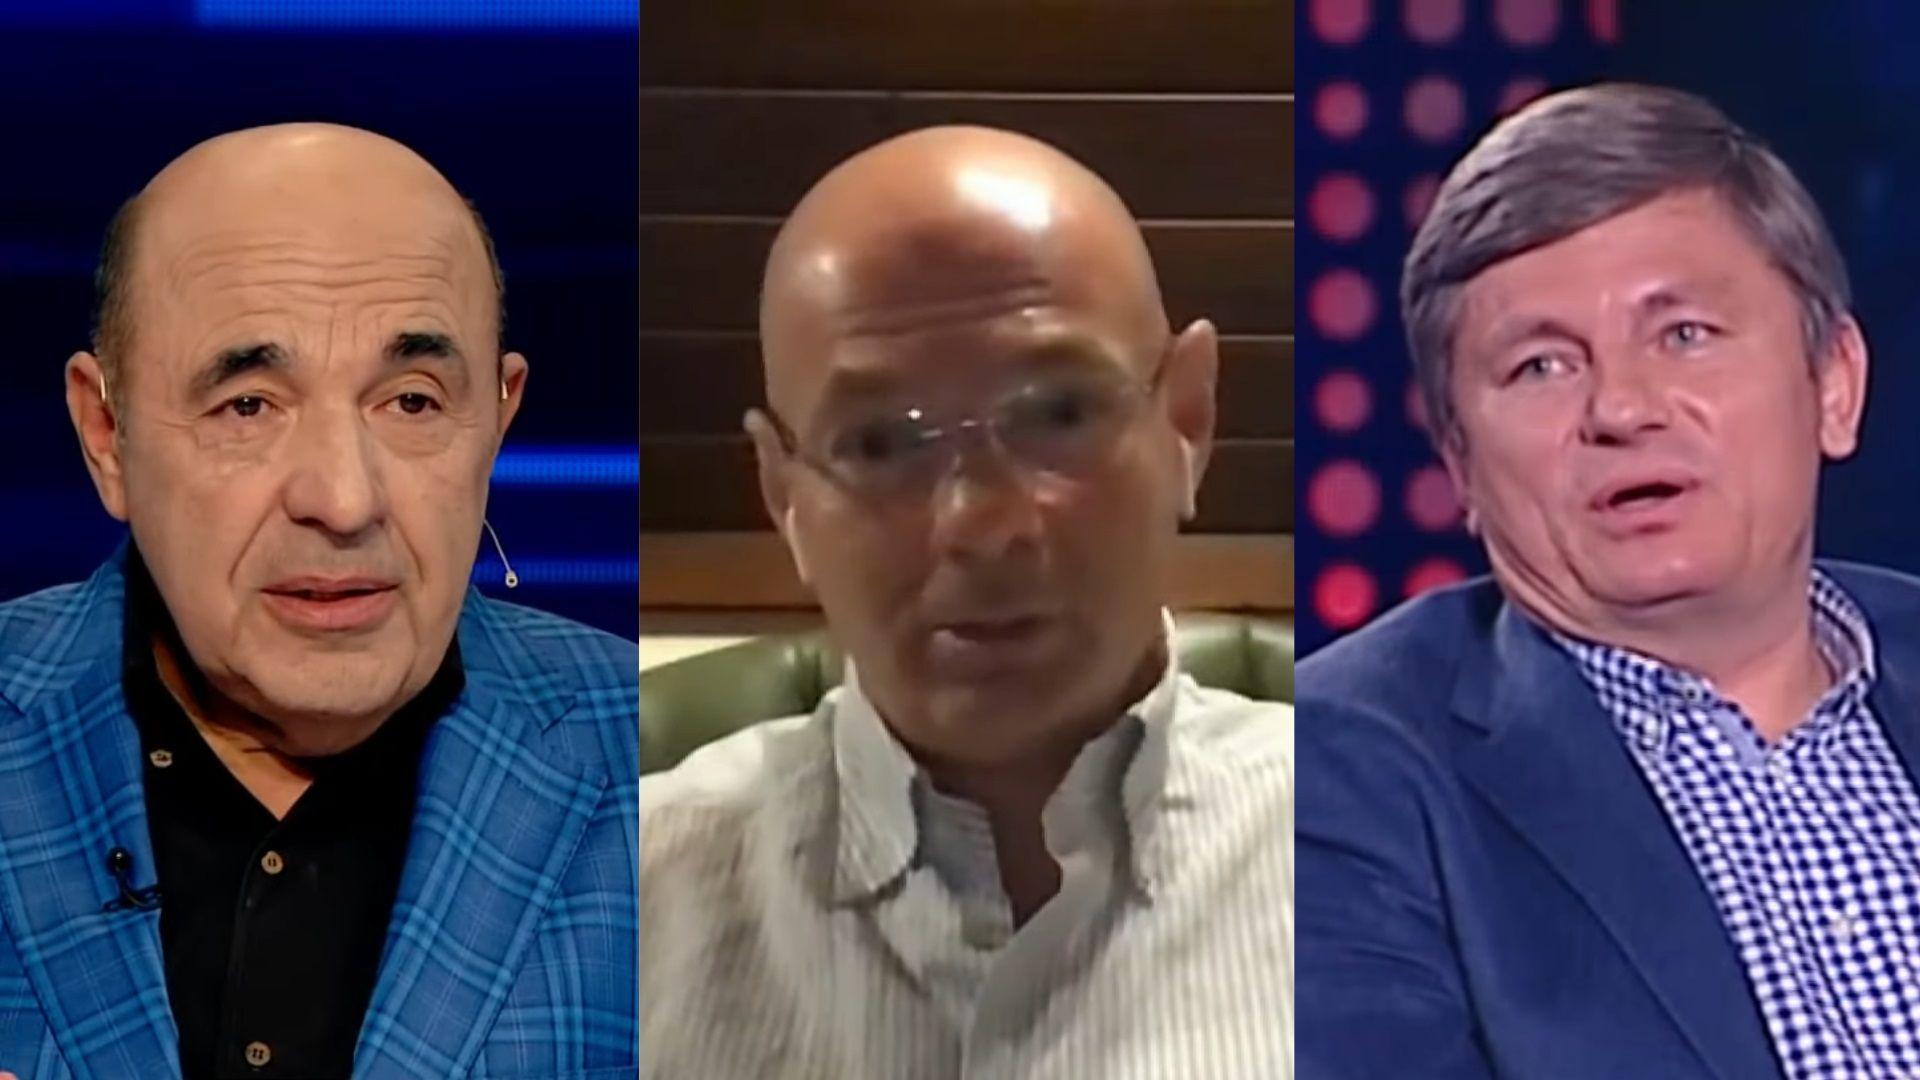 Партійне телебачення. Моніторинг токшоу 28 вересня — 2 жовтня 2020 року